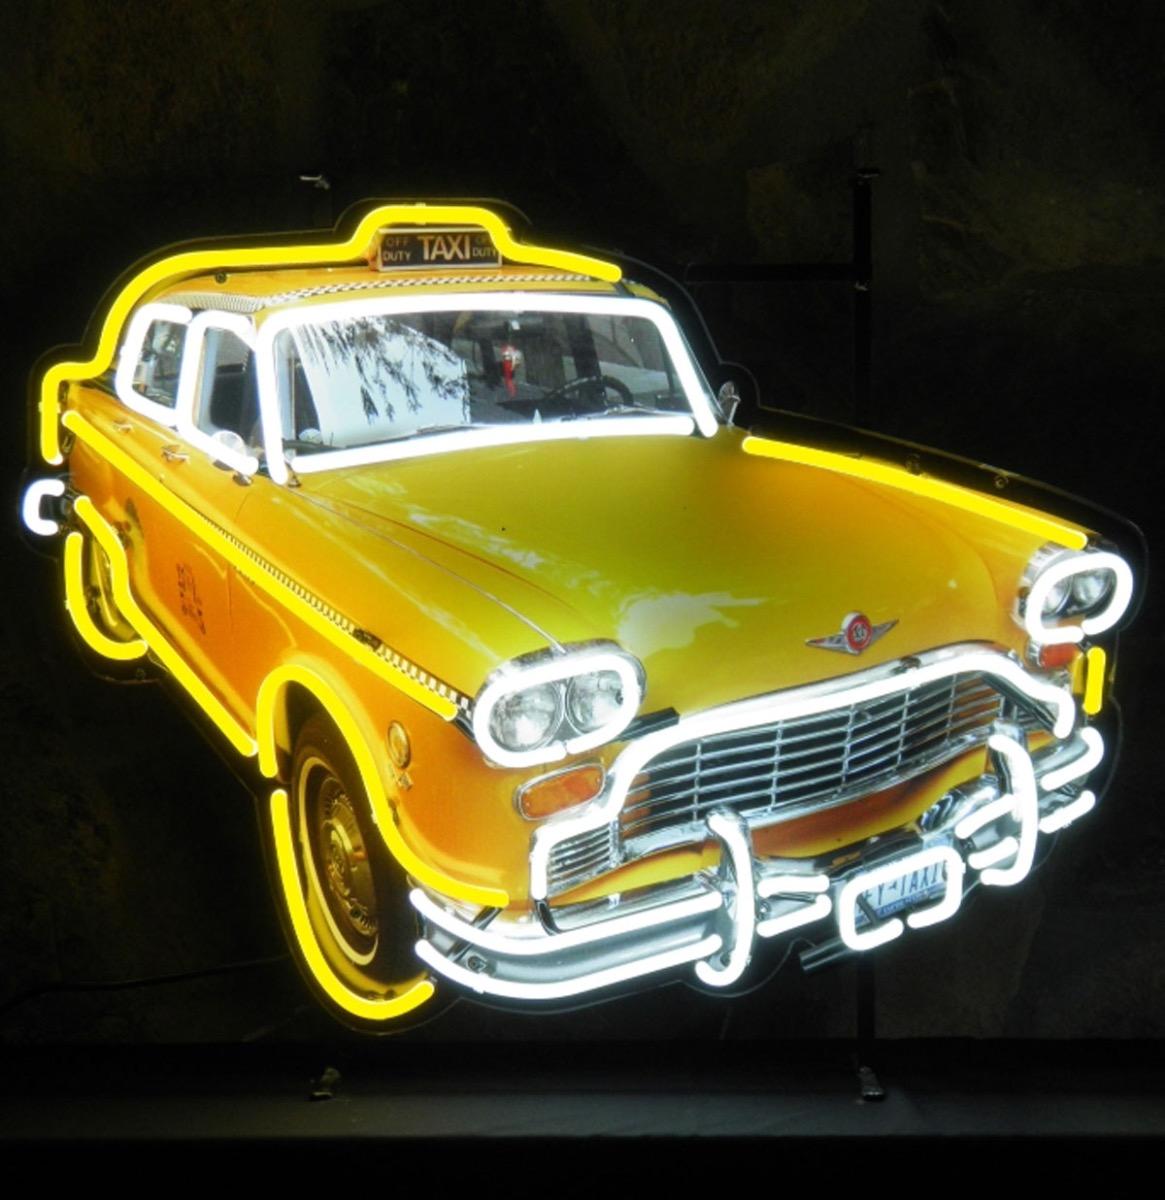 Yellow New York Taxi Cab Neon Verlichting Met Achterplaat 78 x 60 cm